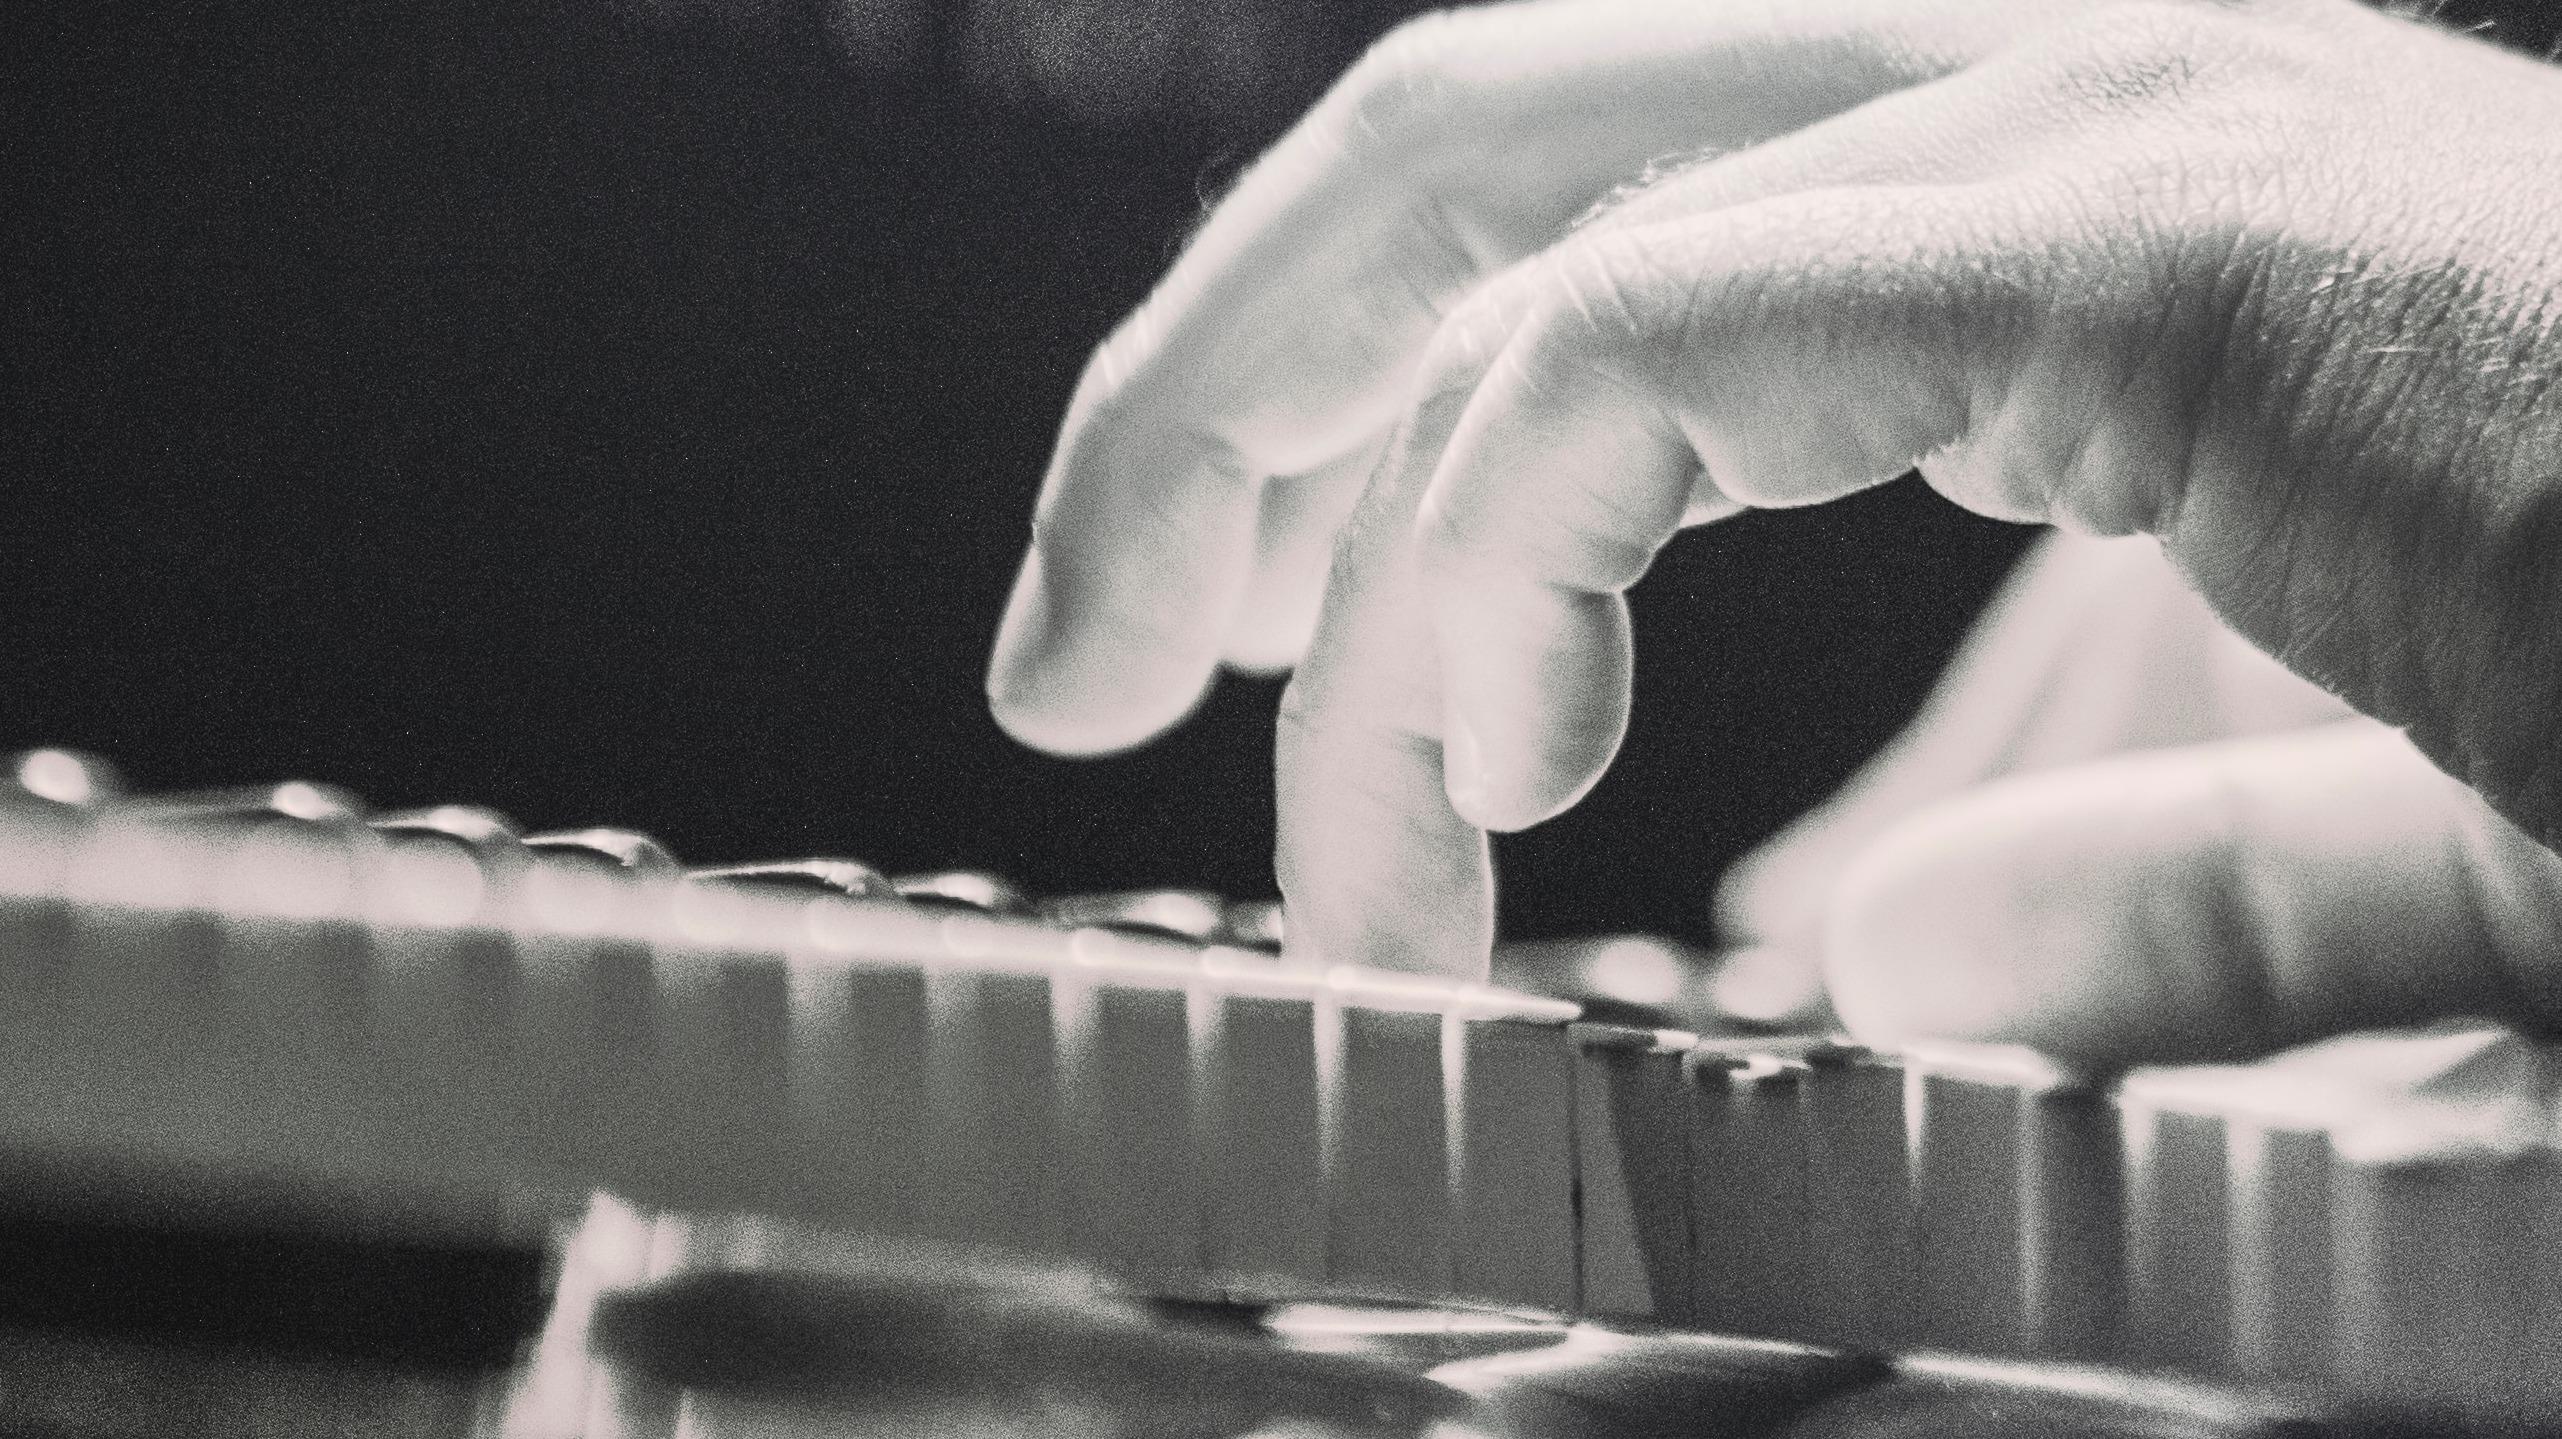 Concierto piano en streaming - Club Dj Academy